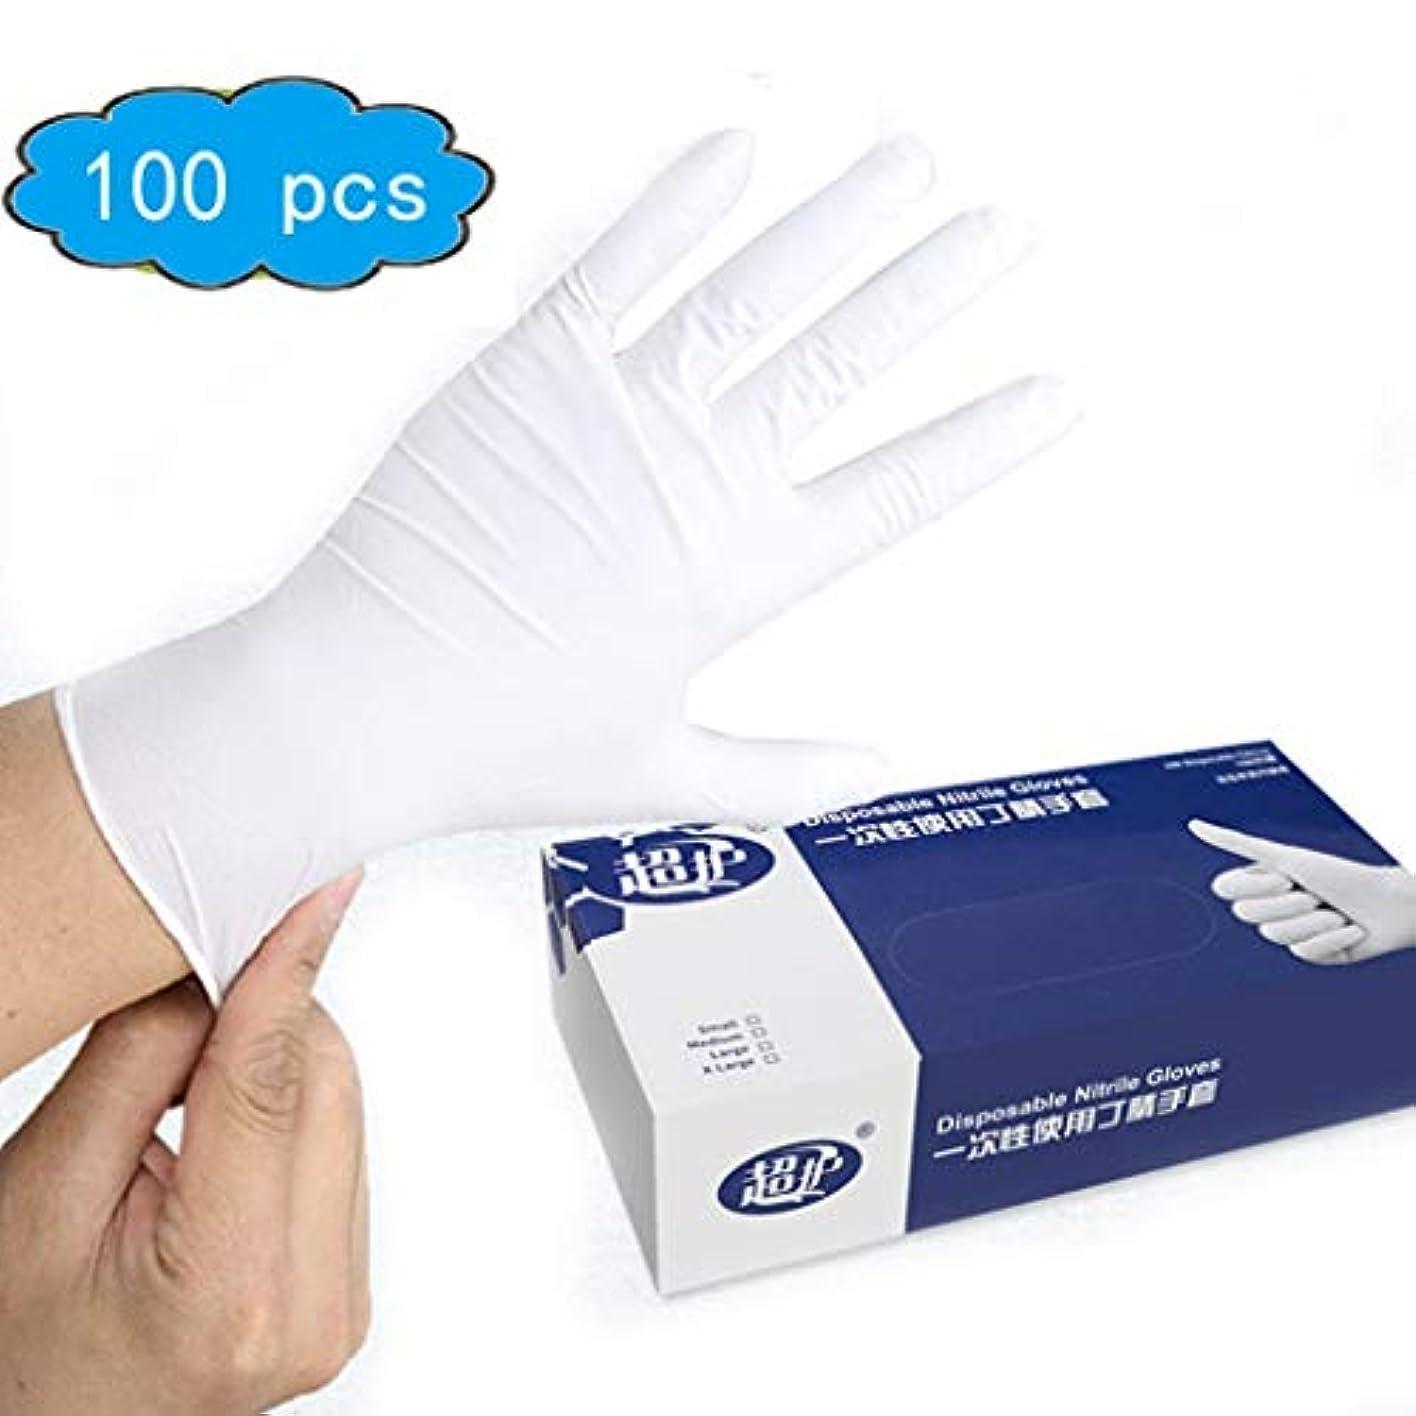 絶え間ない荒れ地失速使い捨てニトリル手袋-医療グレード、パウダーフリー、ラテックスゴムフリー、使い捨て、非滅菌、食品安全、白色、2.5ミル、100個入りパック、使い捨て手袋食品、ツール&ホーム改善 (Color : White, Size...